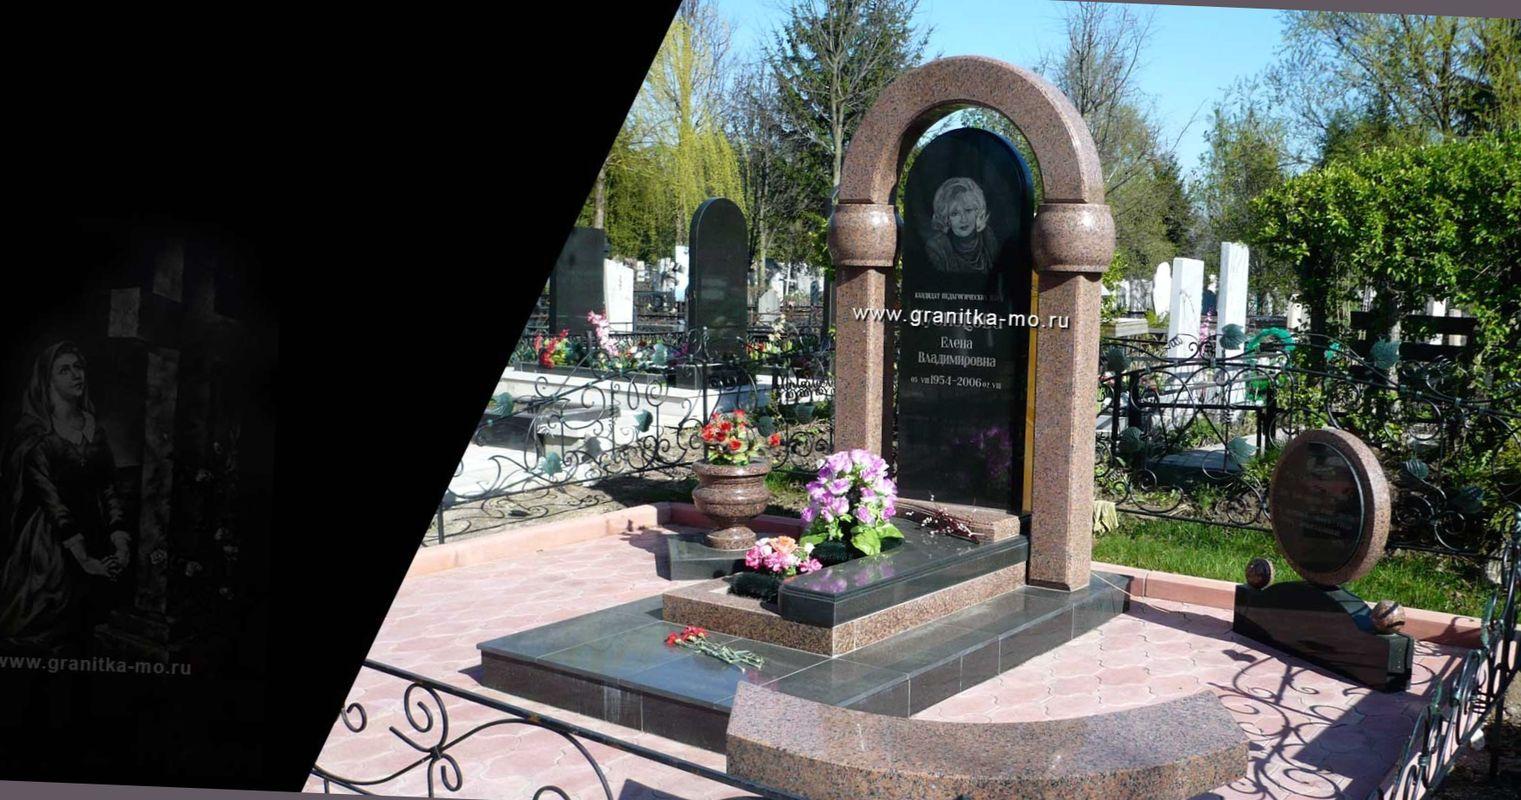 Памятники недорого цены и фото Златоуст цена на памятники в москве фото ютуб